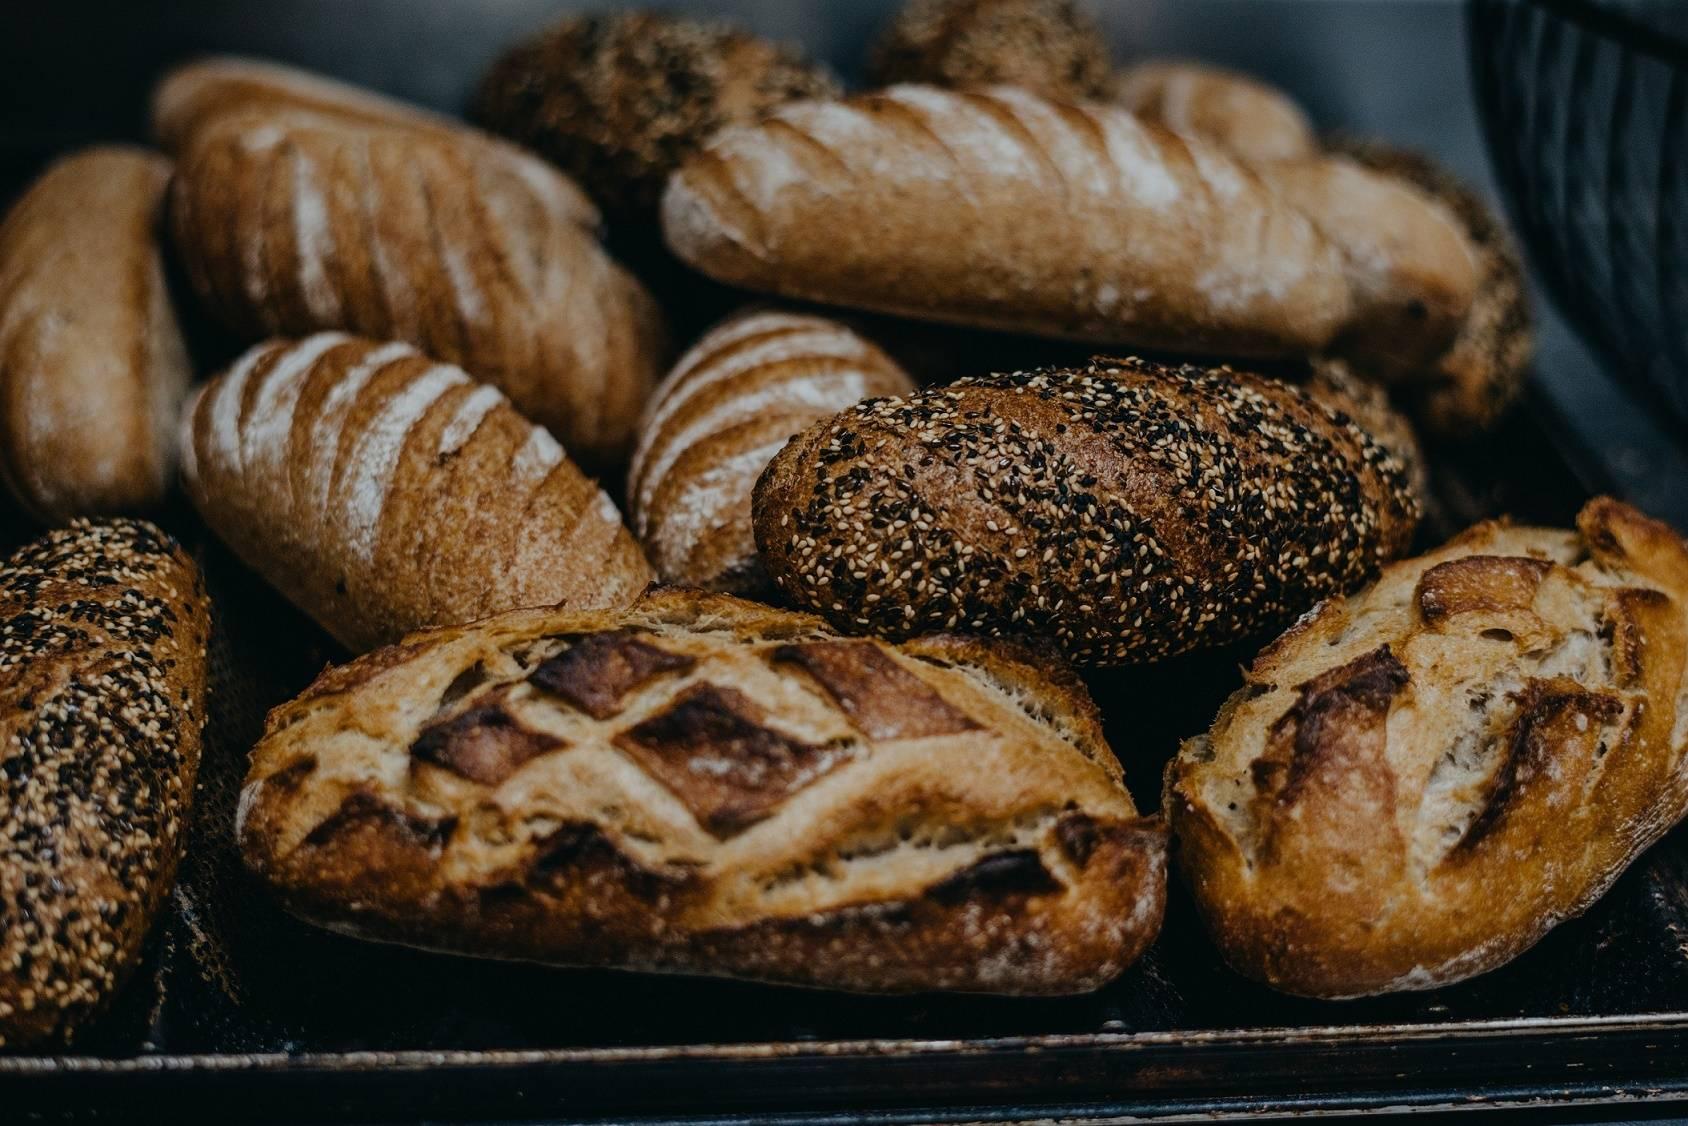 A Prestinaria Petit vai oferecer pães de fermentação natural, além de croissant. Foto: Divulgação/Prestinaria